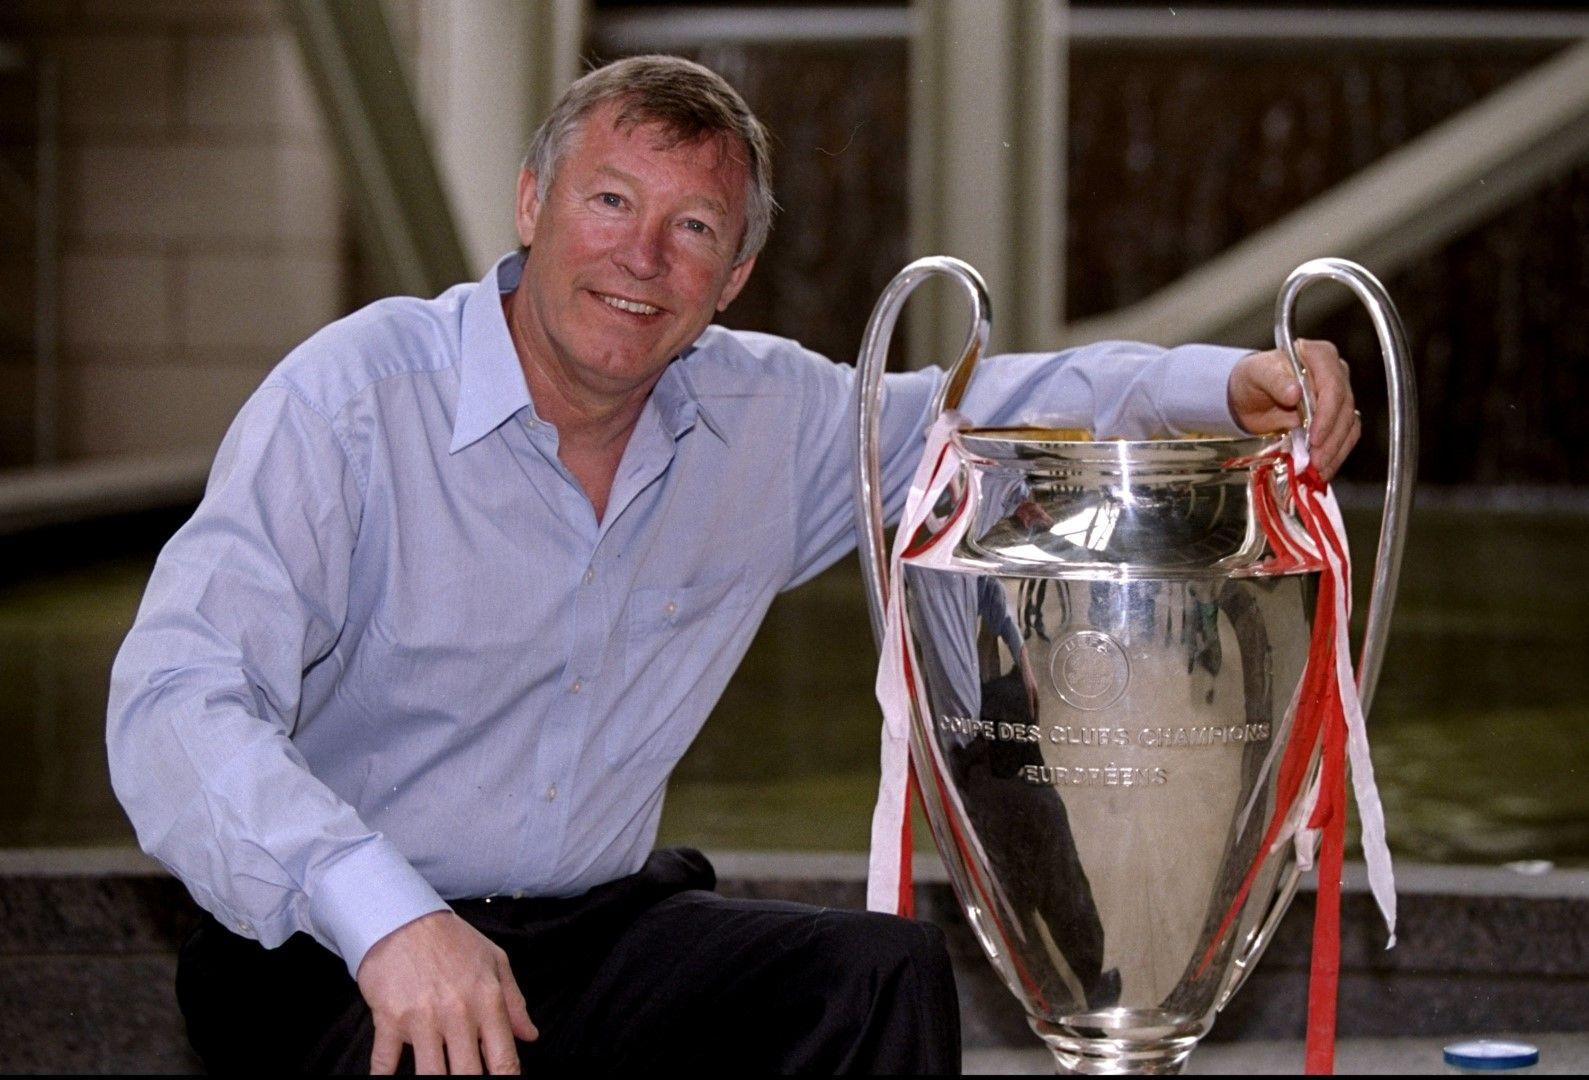 Сър Алекс Фъргюсън при завръщането в Манчестър с трофея в Шампионската лига. Това бе третата от купите, спечелени от Юнайтед в един драматичен и незабравим сезон 1998-1999 г.